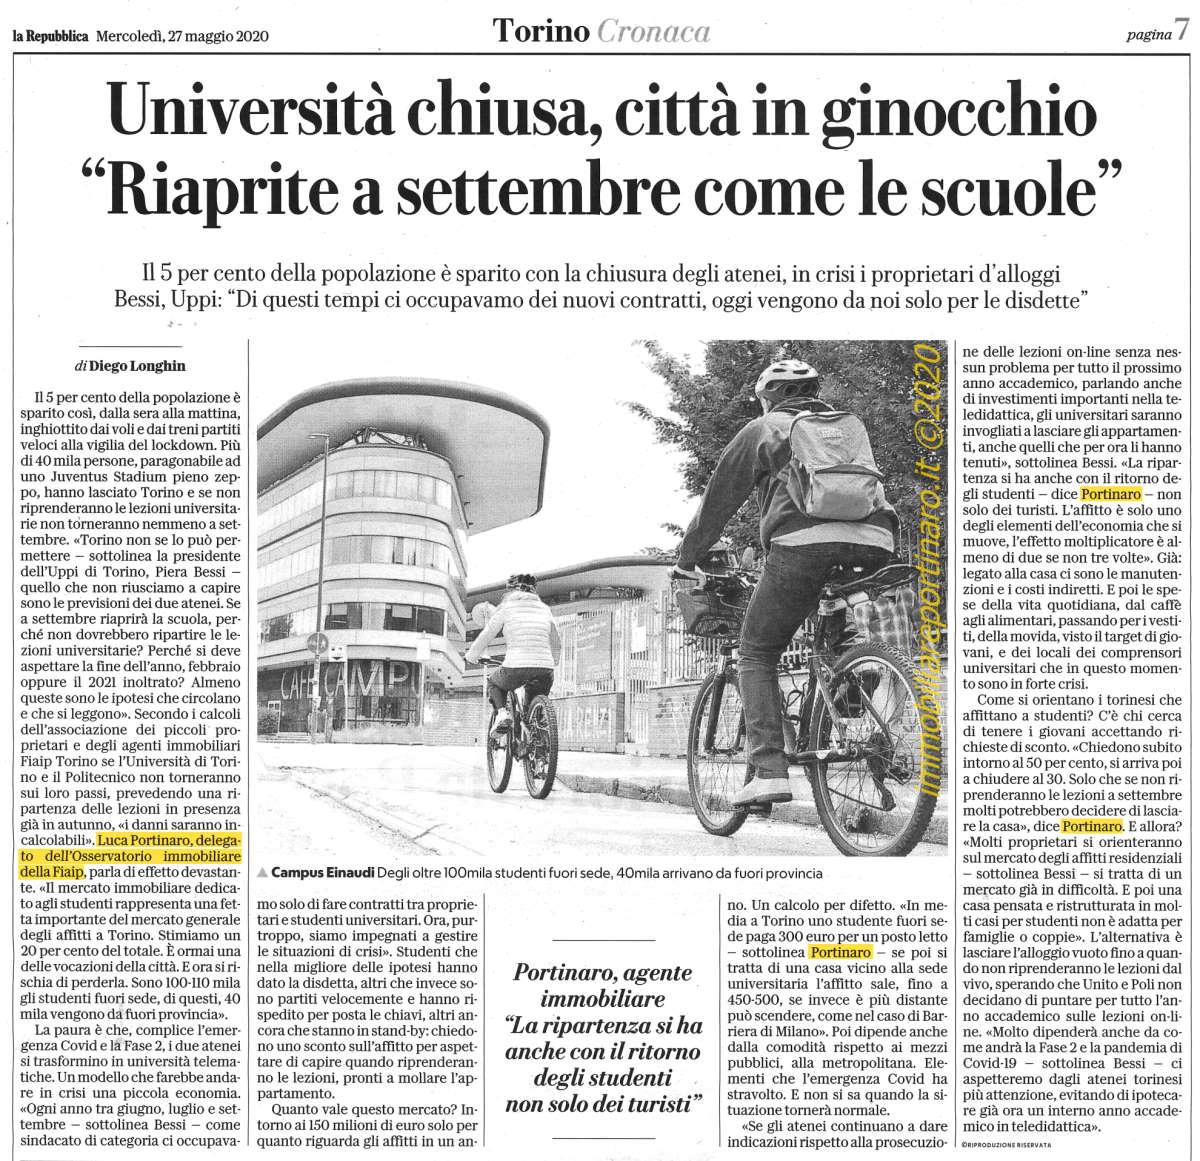 articolo Repubblica 27 maggio 2020, le Università chiuse danneggiano il mercato degli affitti a studenti.